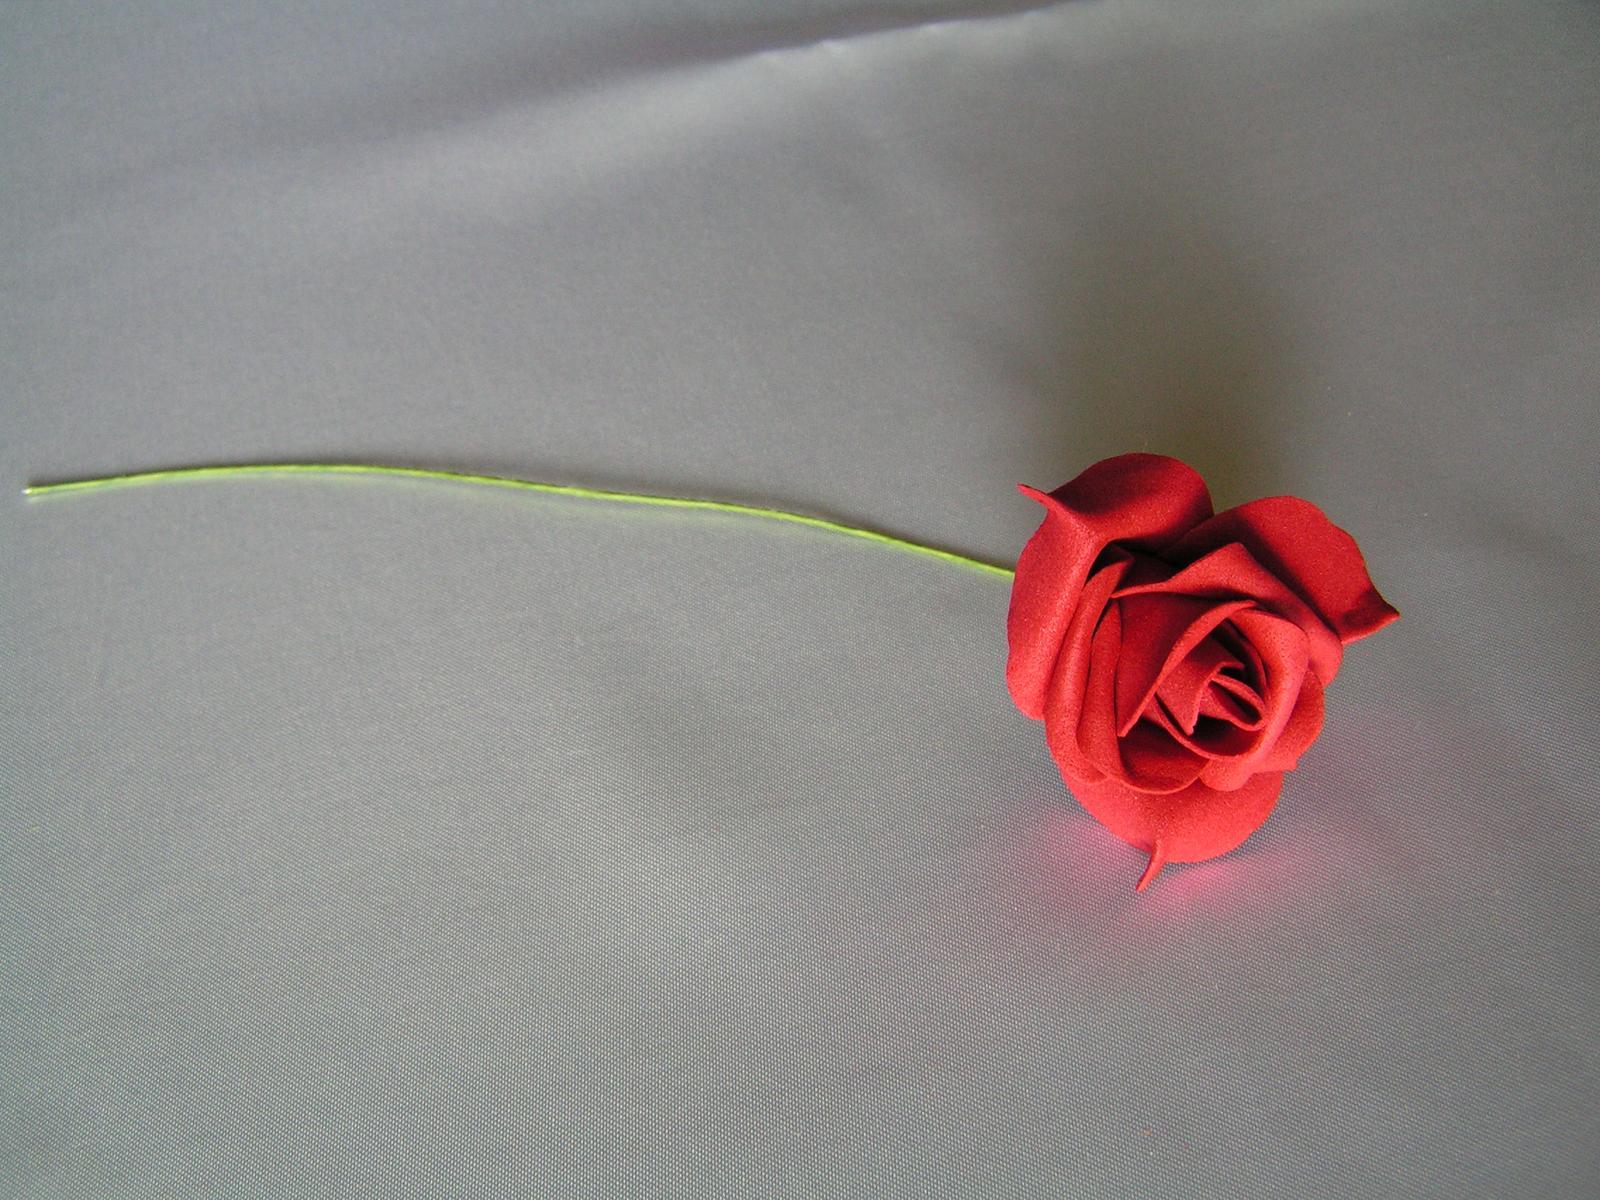 Tmavě červené pěnové růže 7 cm - Obrázek č. 1